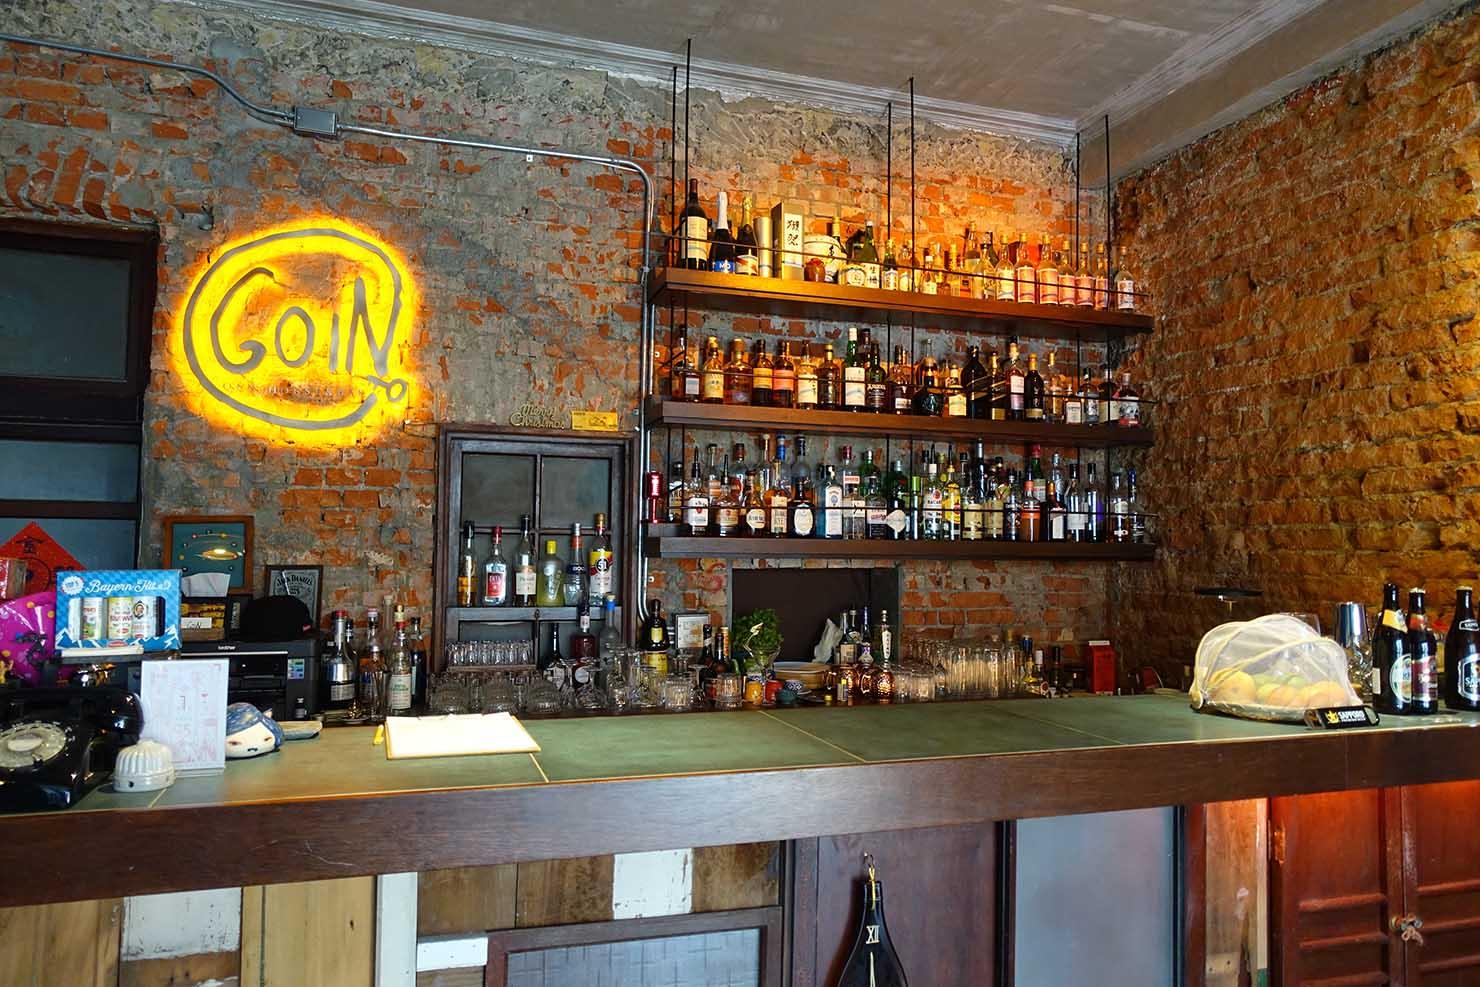 台南・神農街の古民家ゲストハウス「Goin」のバーカウンター